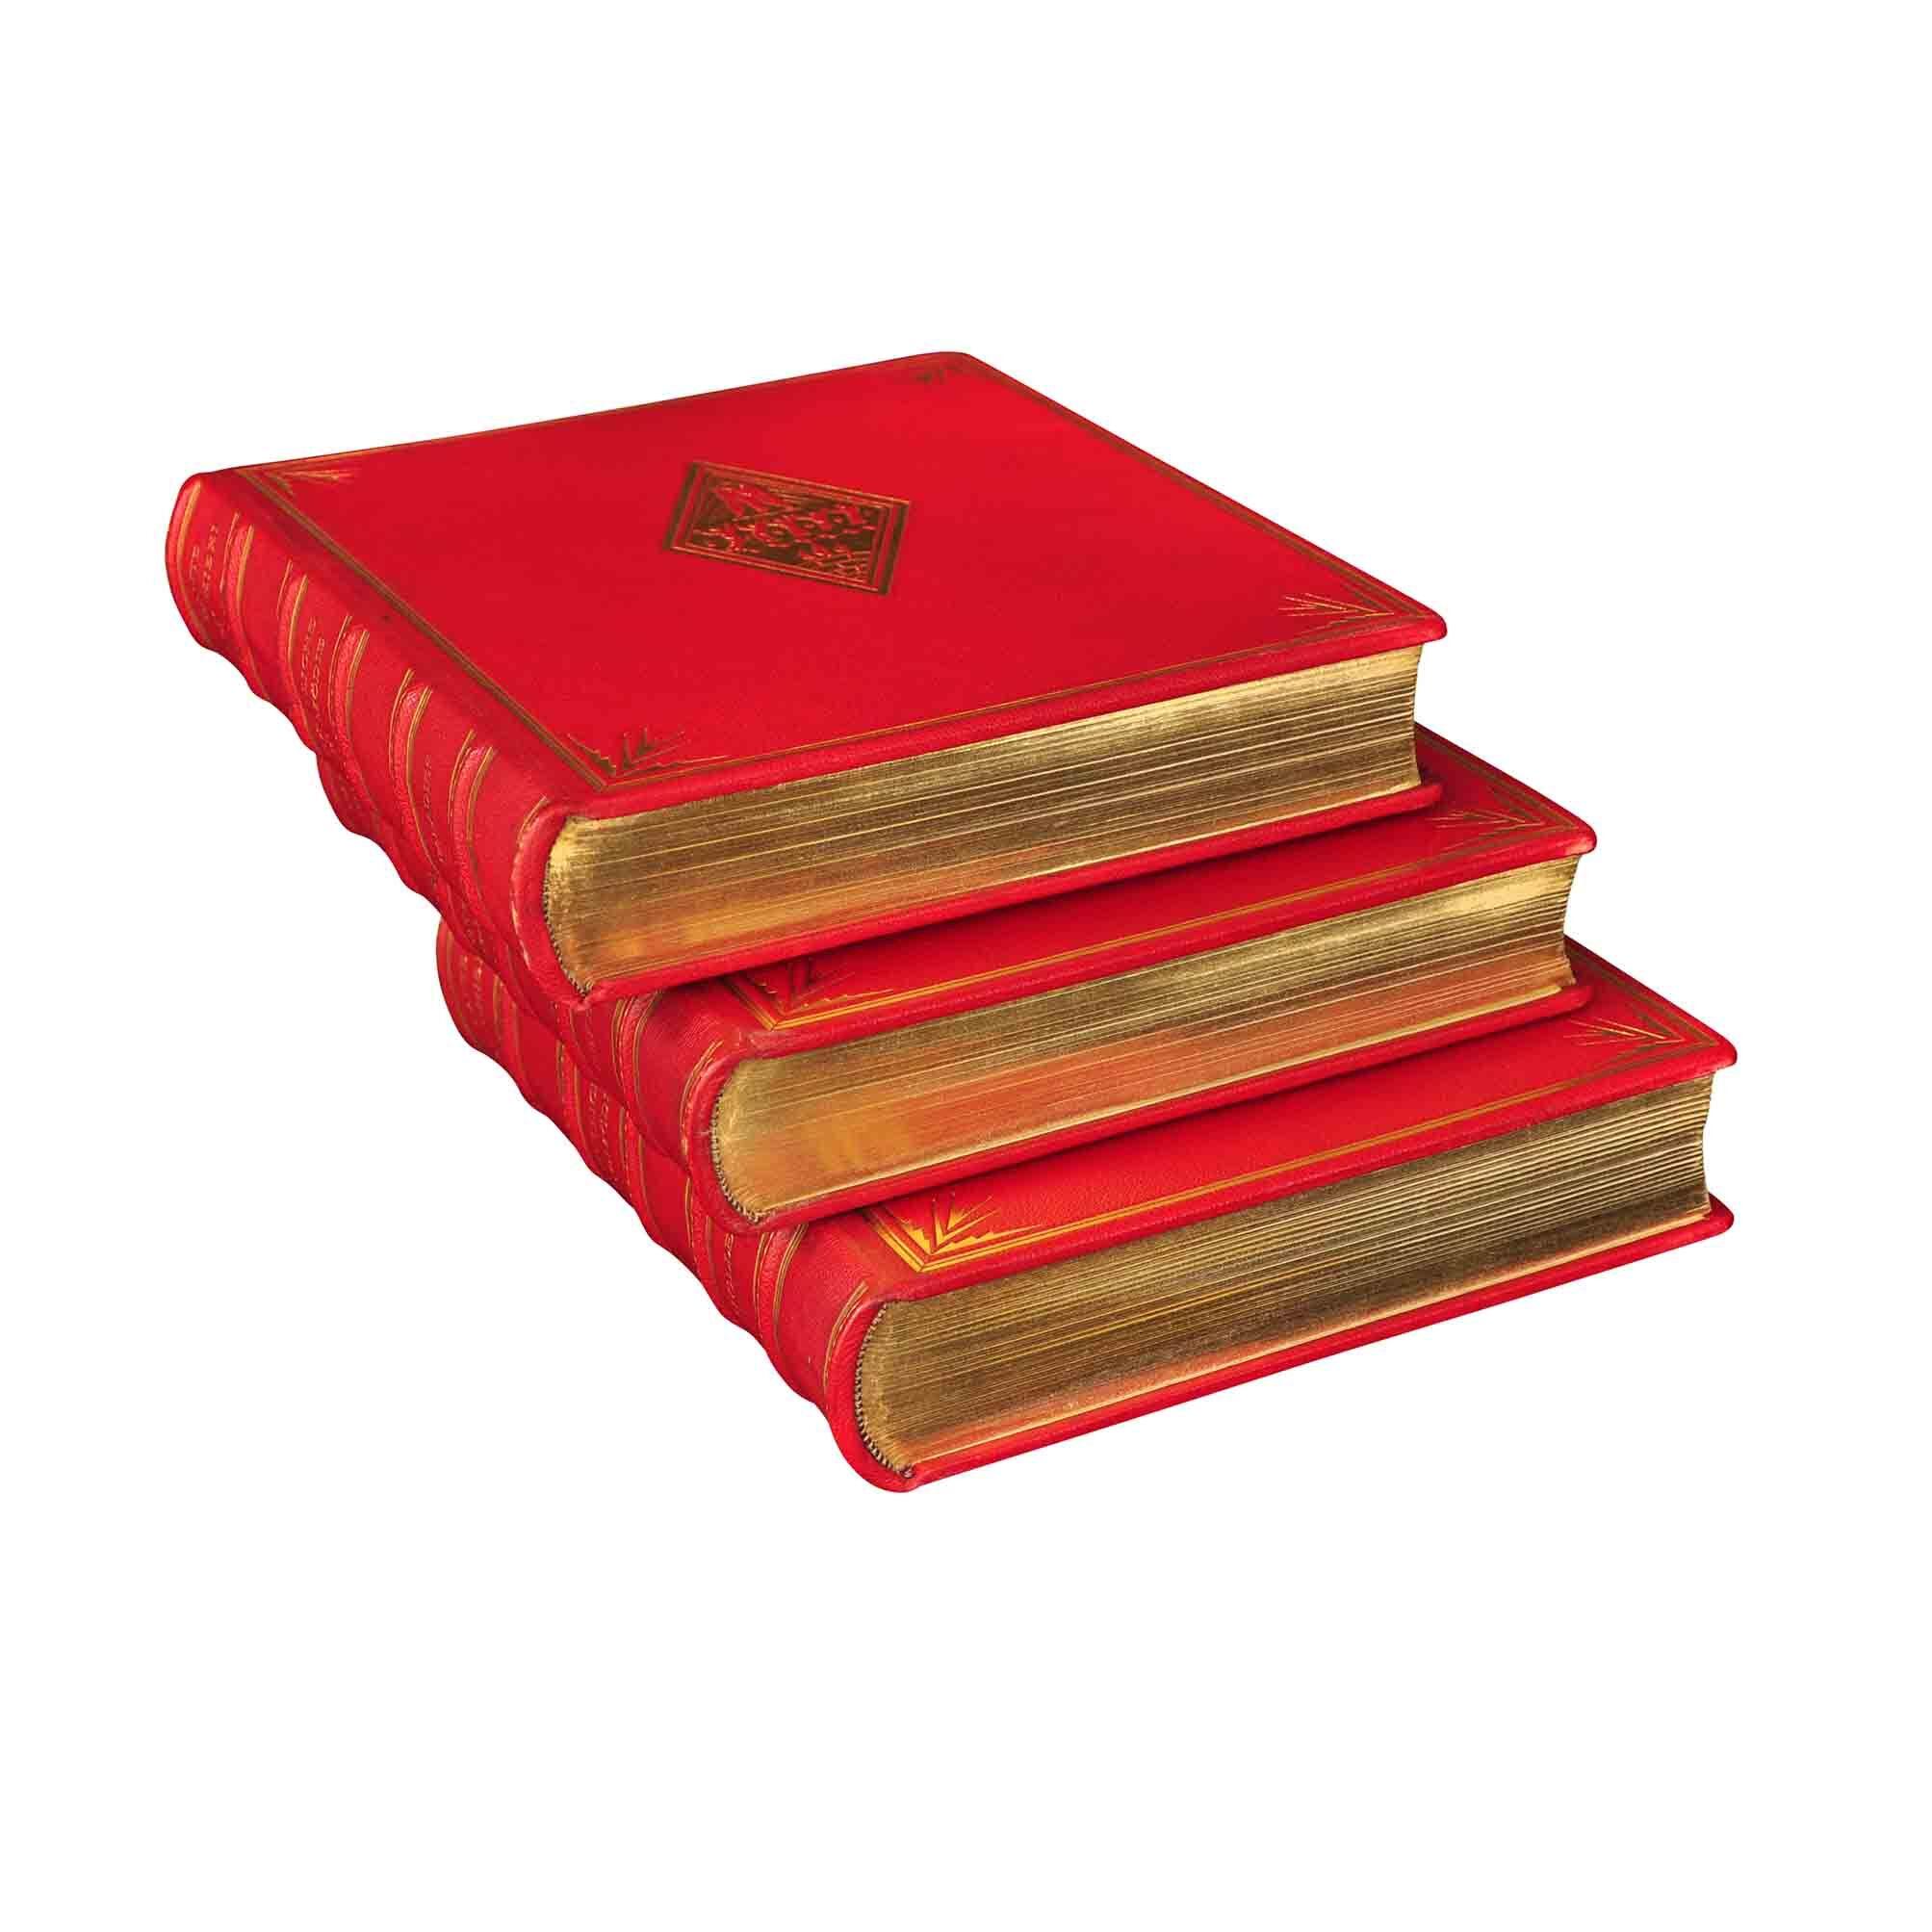 5693 Dante Bayros Commedia Komödie 1921 Covers 2 N